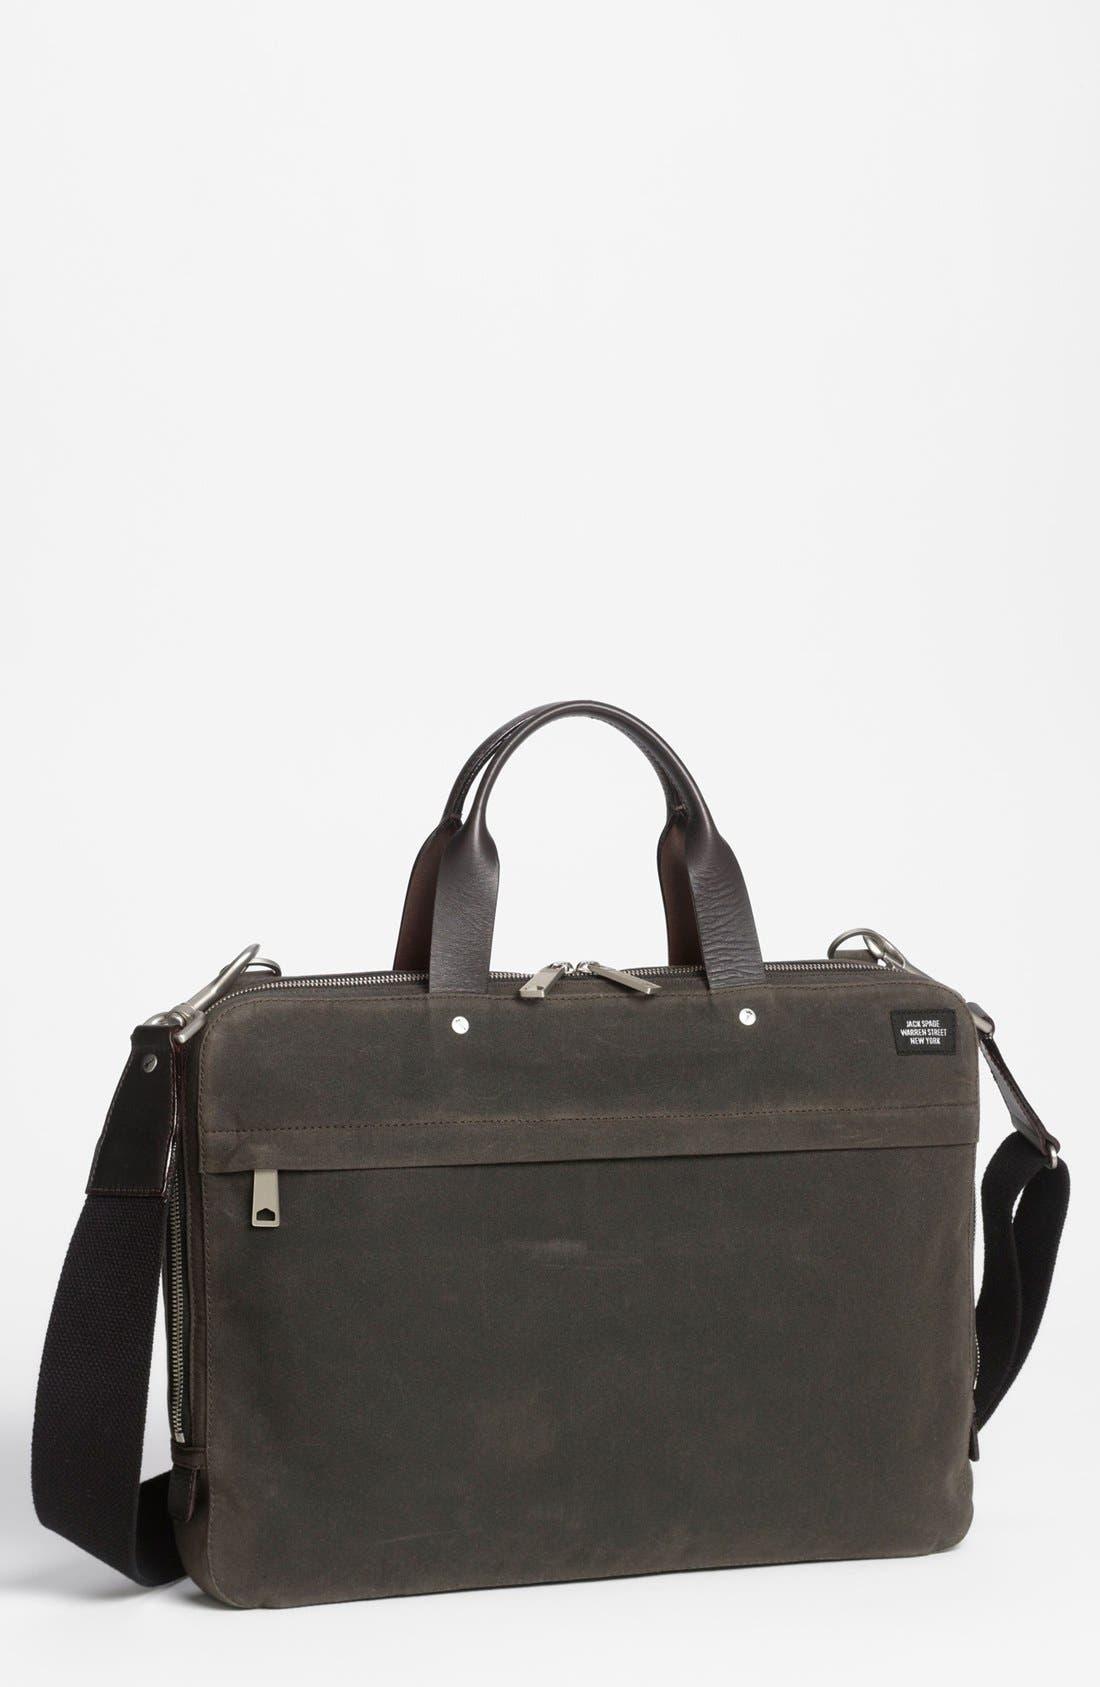 JACK SPADE 'Waxwear' Briefcase, Main, color, 215